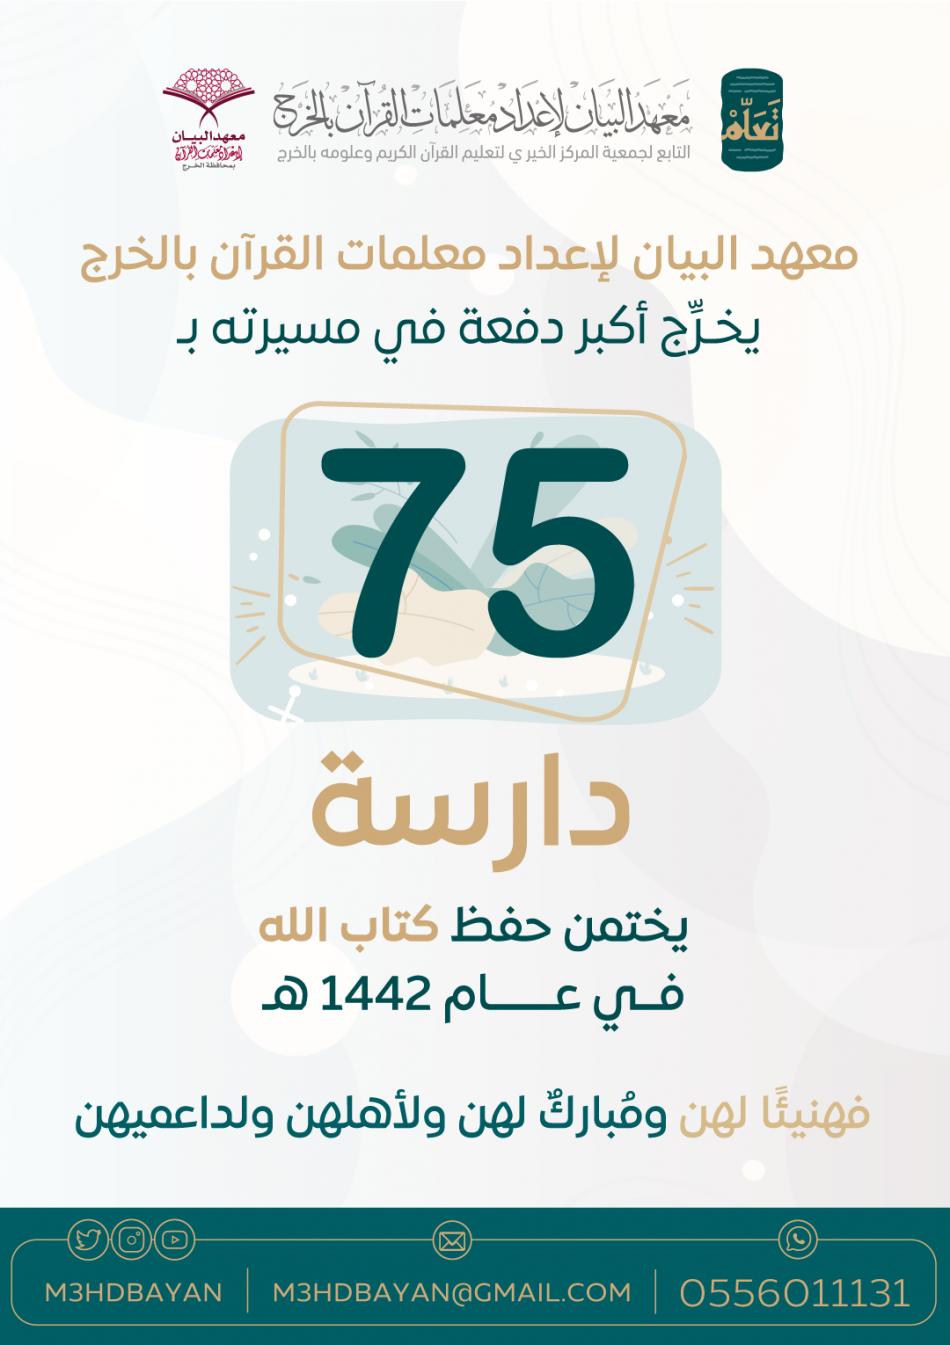 طرق دعم معهد البيان لإعداد معلمات القرآن التابع للمركز الخيري لتعليم القرآن الكريم وعلومه بالخرج